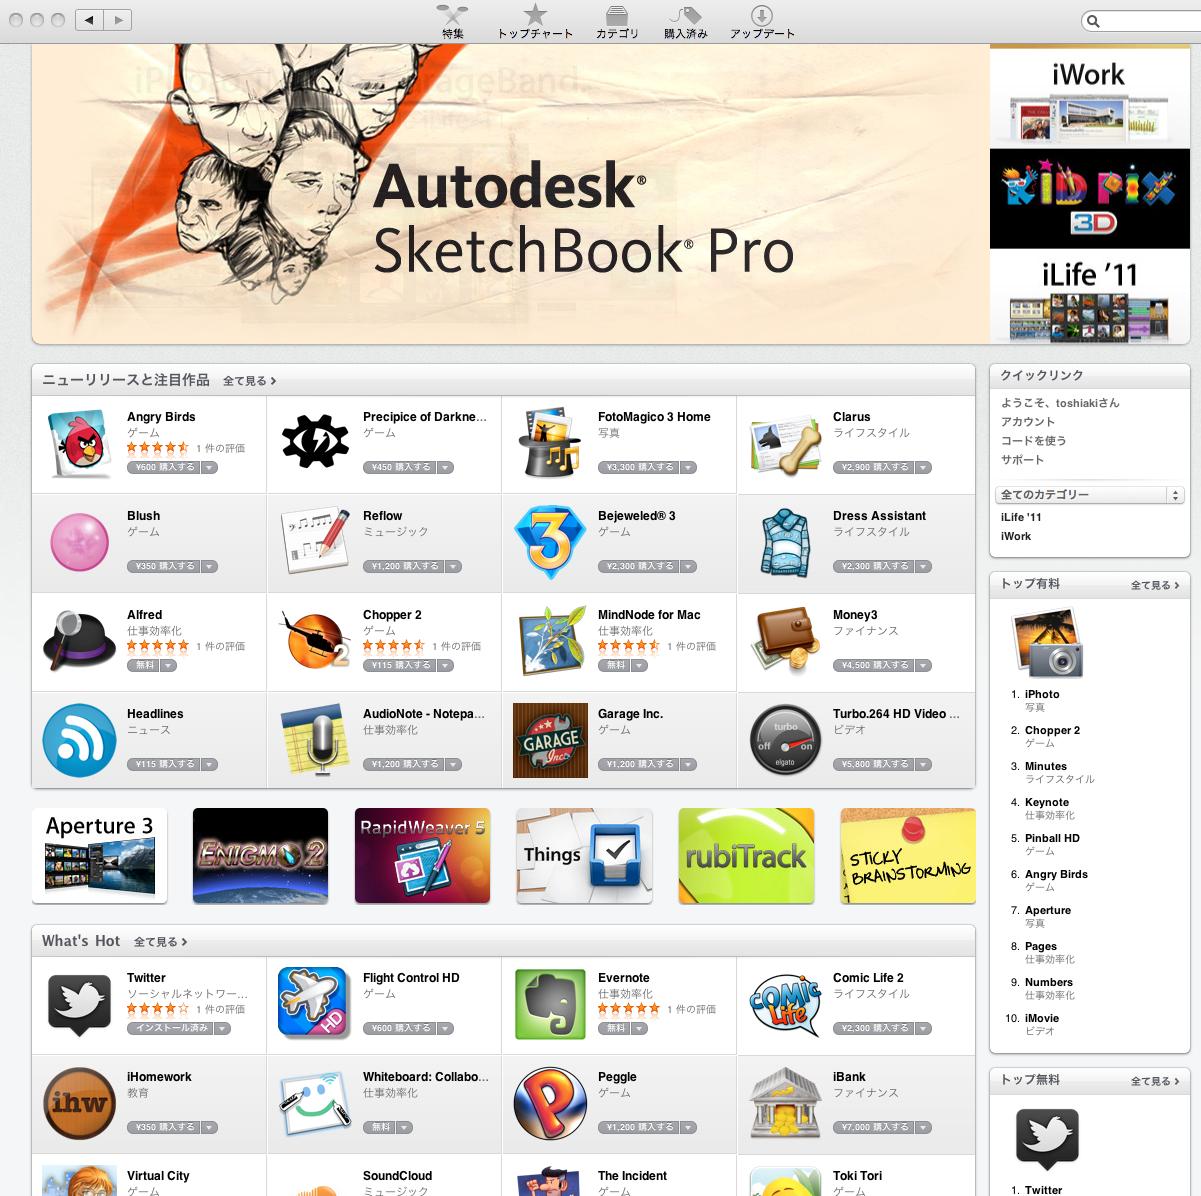 2011年01月06日(木)Mac App Store オープン #MacAppStore 7